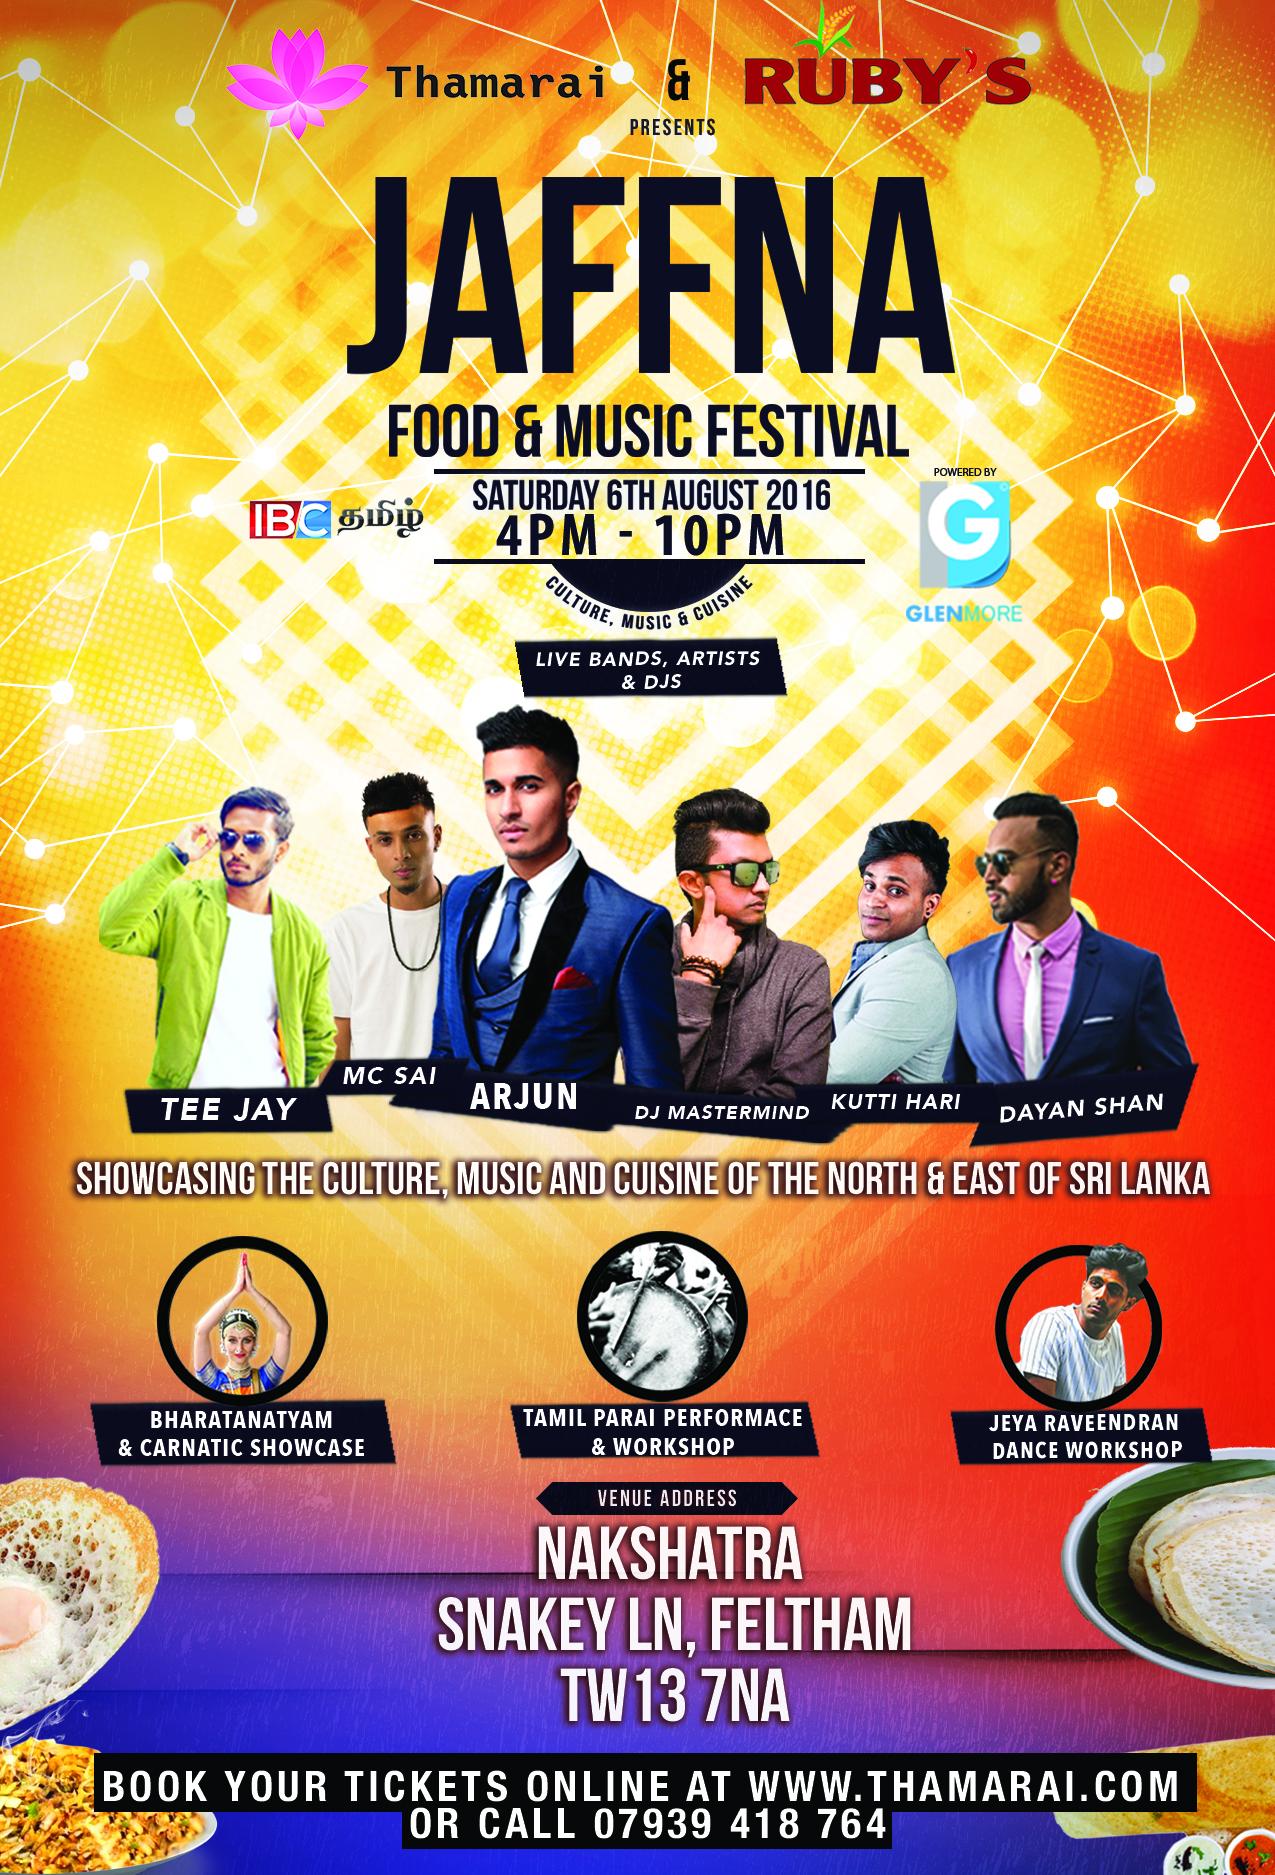 Jaffna food & music festival